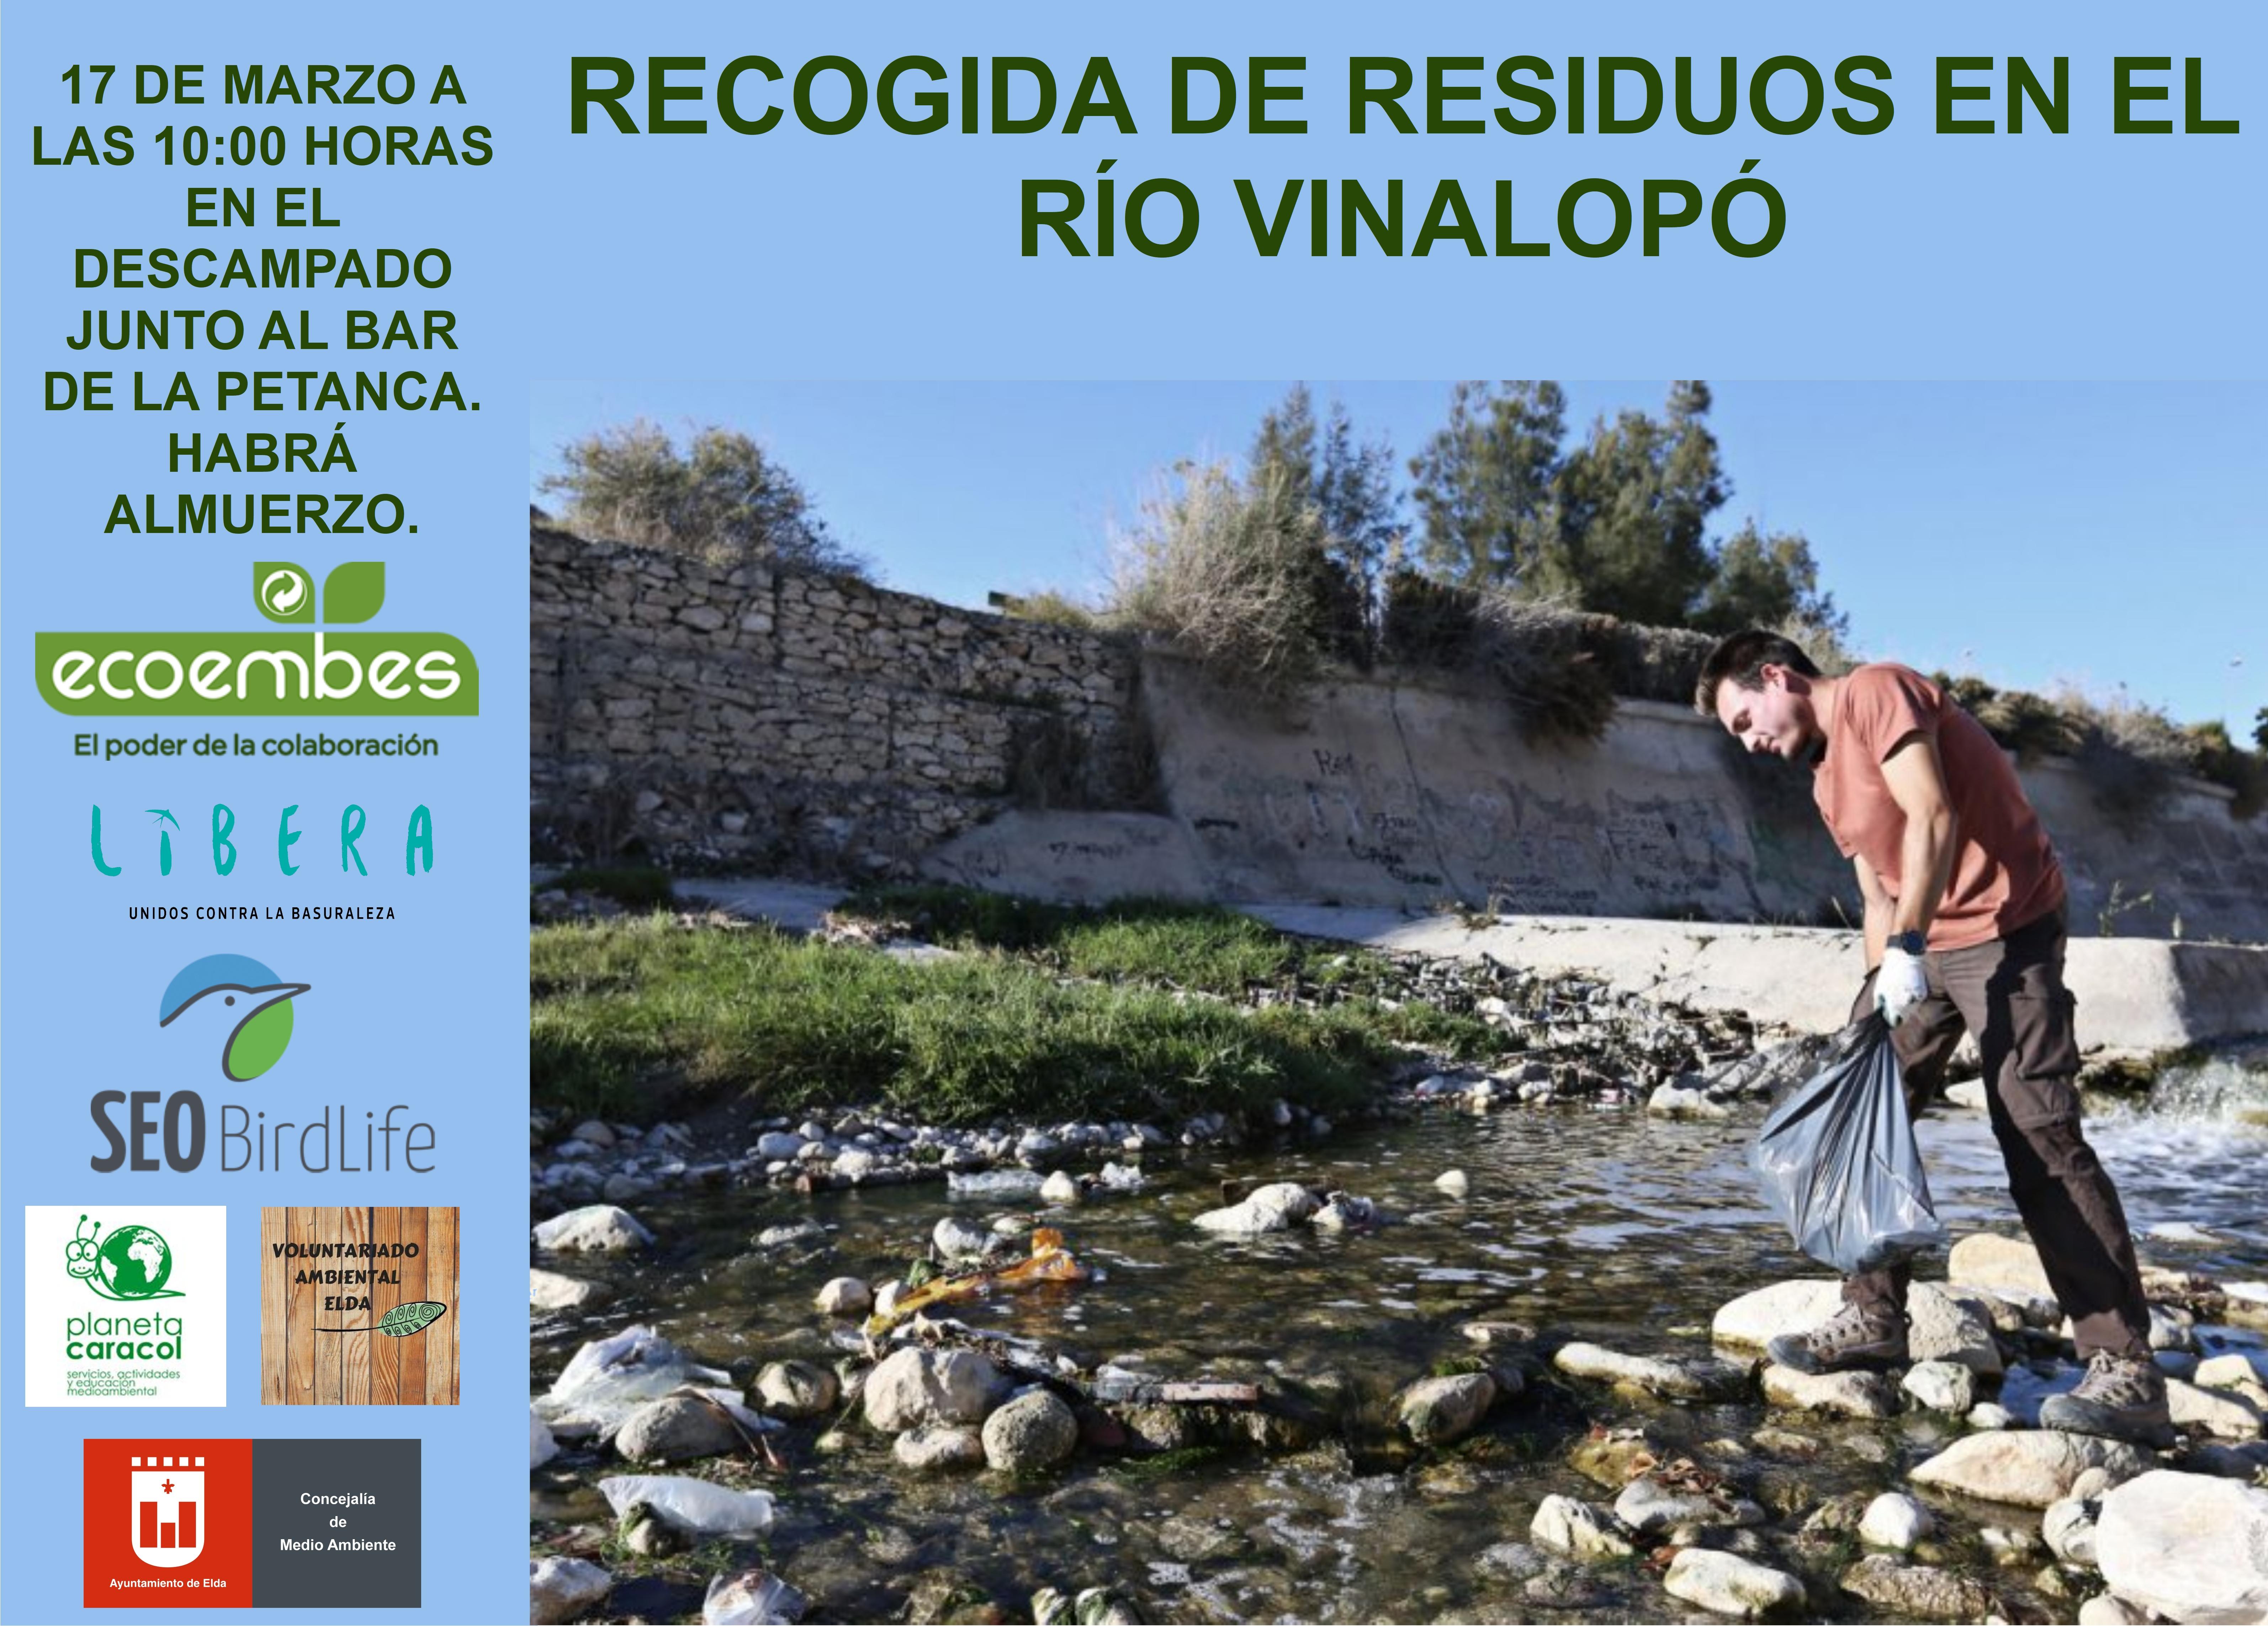 Elda organiza una jornada para limpiar el río Vinalopó el próximo domingo 17 de marzo